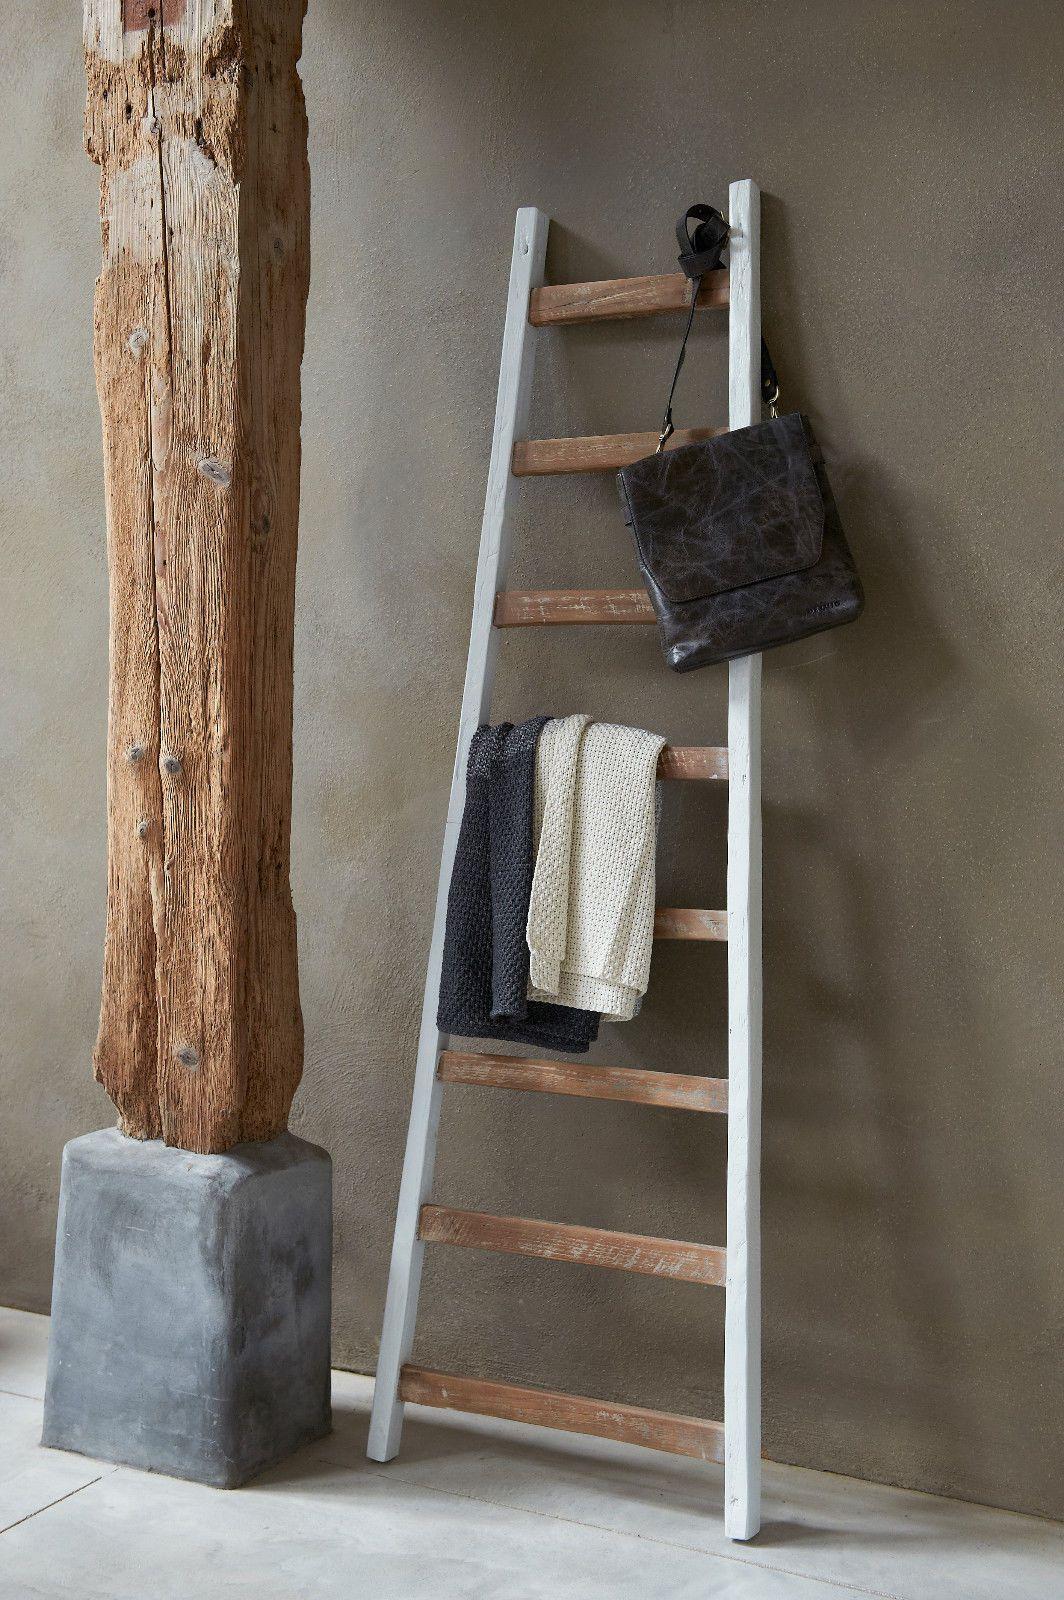 deko holzleiter solo h175cm vintage shabby handtuchhalter kleiderst nder in m bel wohnen. Black Bedroom Furniture Sets. Home Design Ideas